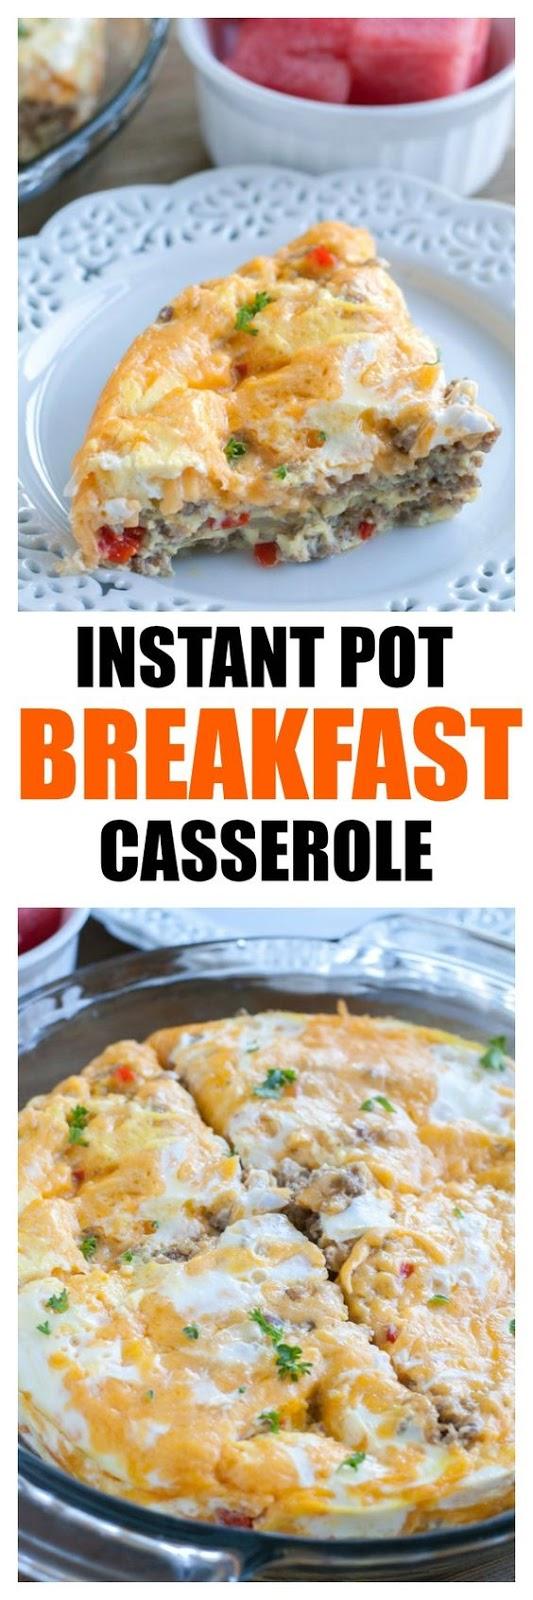 Instant Pot Breakfast Casserole